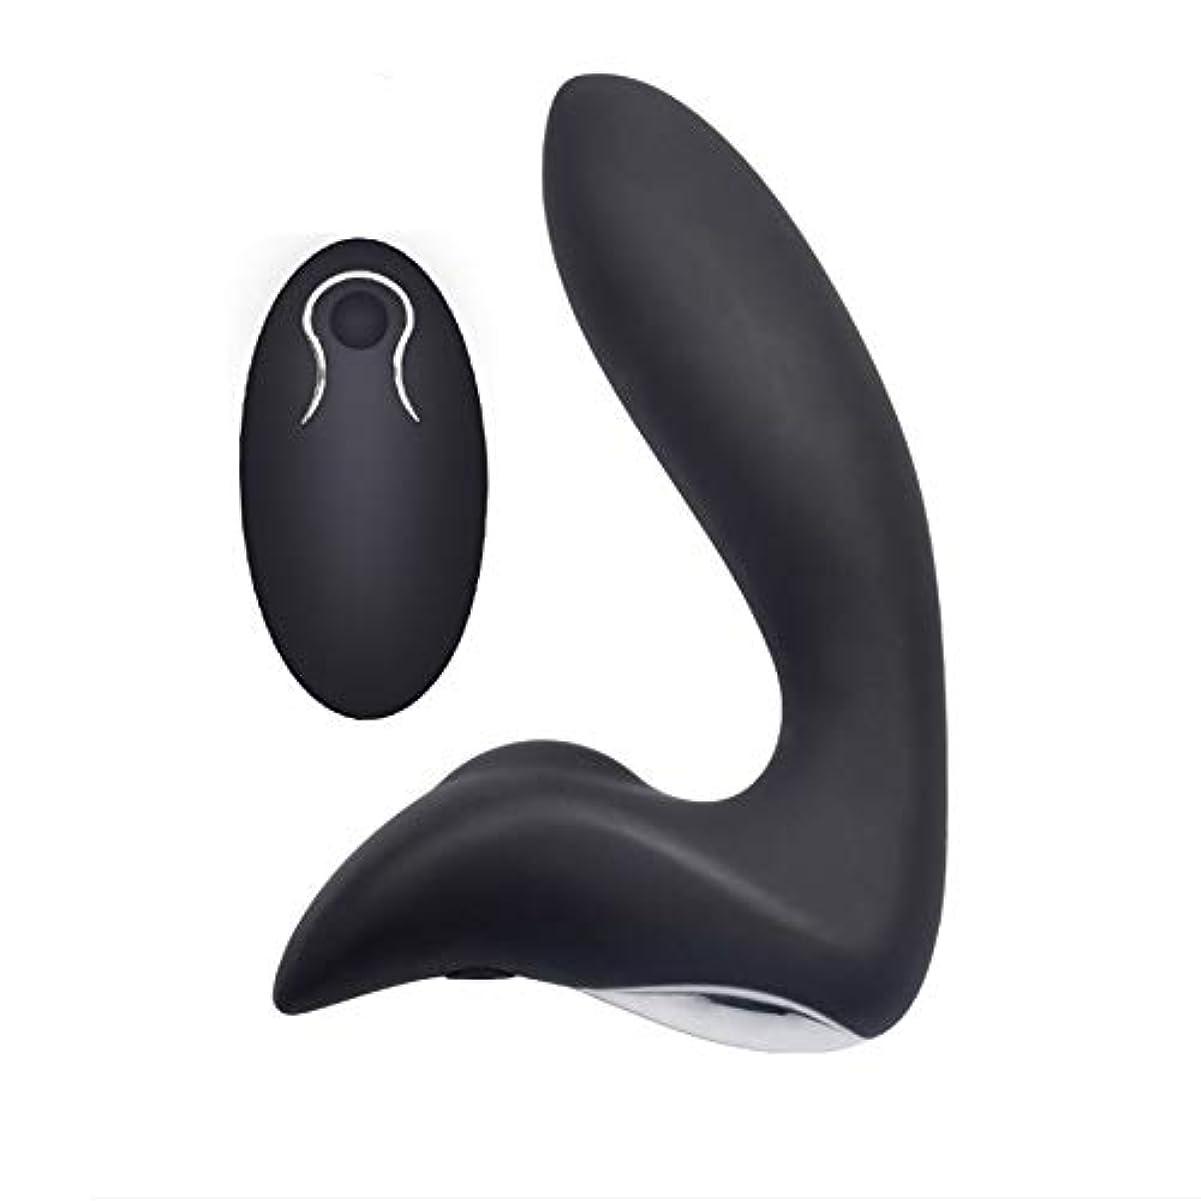 電気式マッサージ器前立腺マッサージ器黒色リモートコントロール付き12周波数感受性領域は静かな防水性大人を刺激する